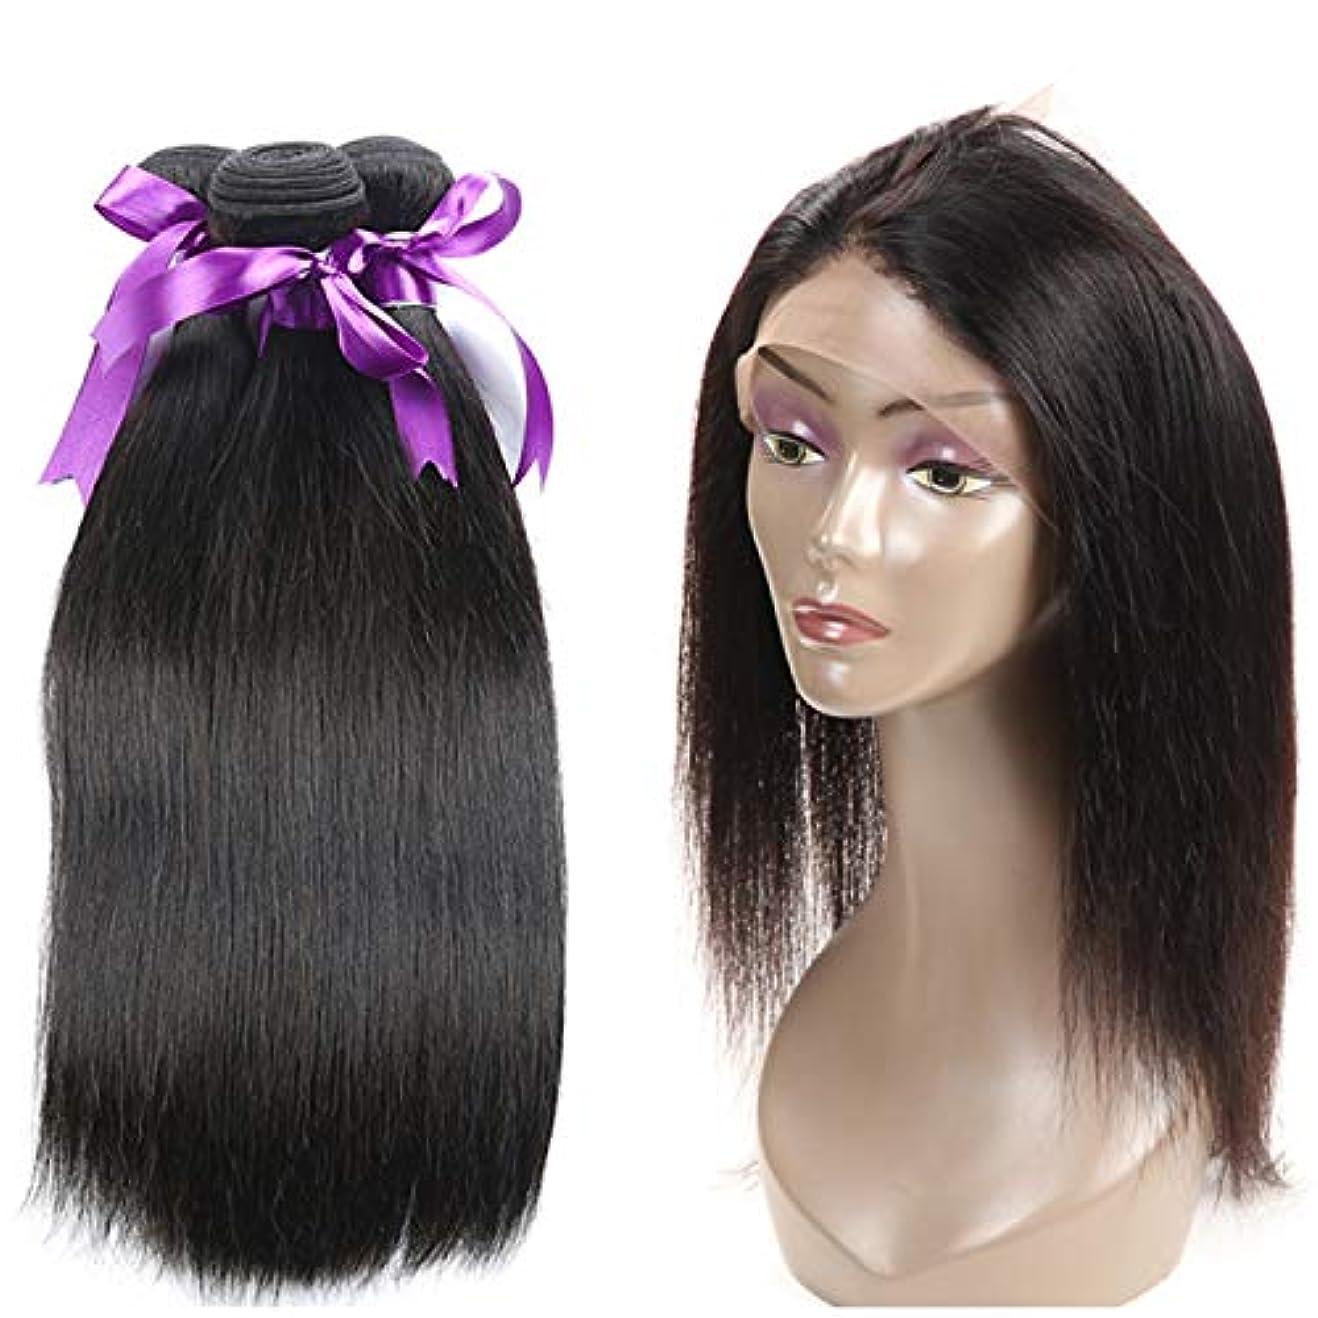 ペース圧縮された省ブラジルストレートヘア360レース前頭葉付き非レミー人間の髪の毛3バンドル360前頭人間の髪の毛のかつら (Length : 22 22 22 Closure20)